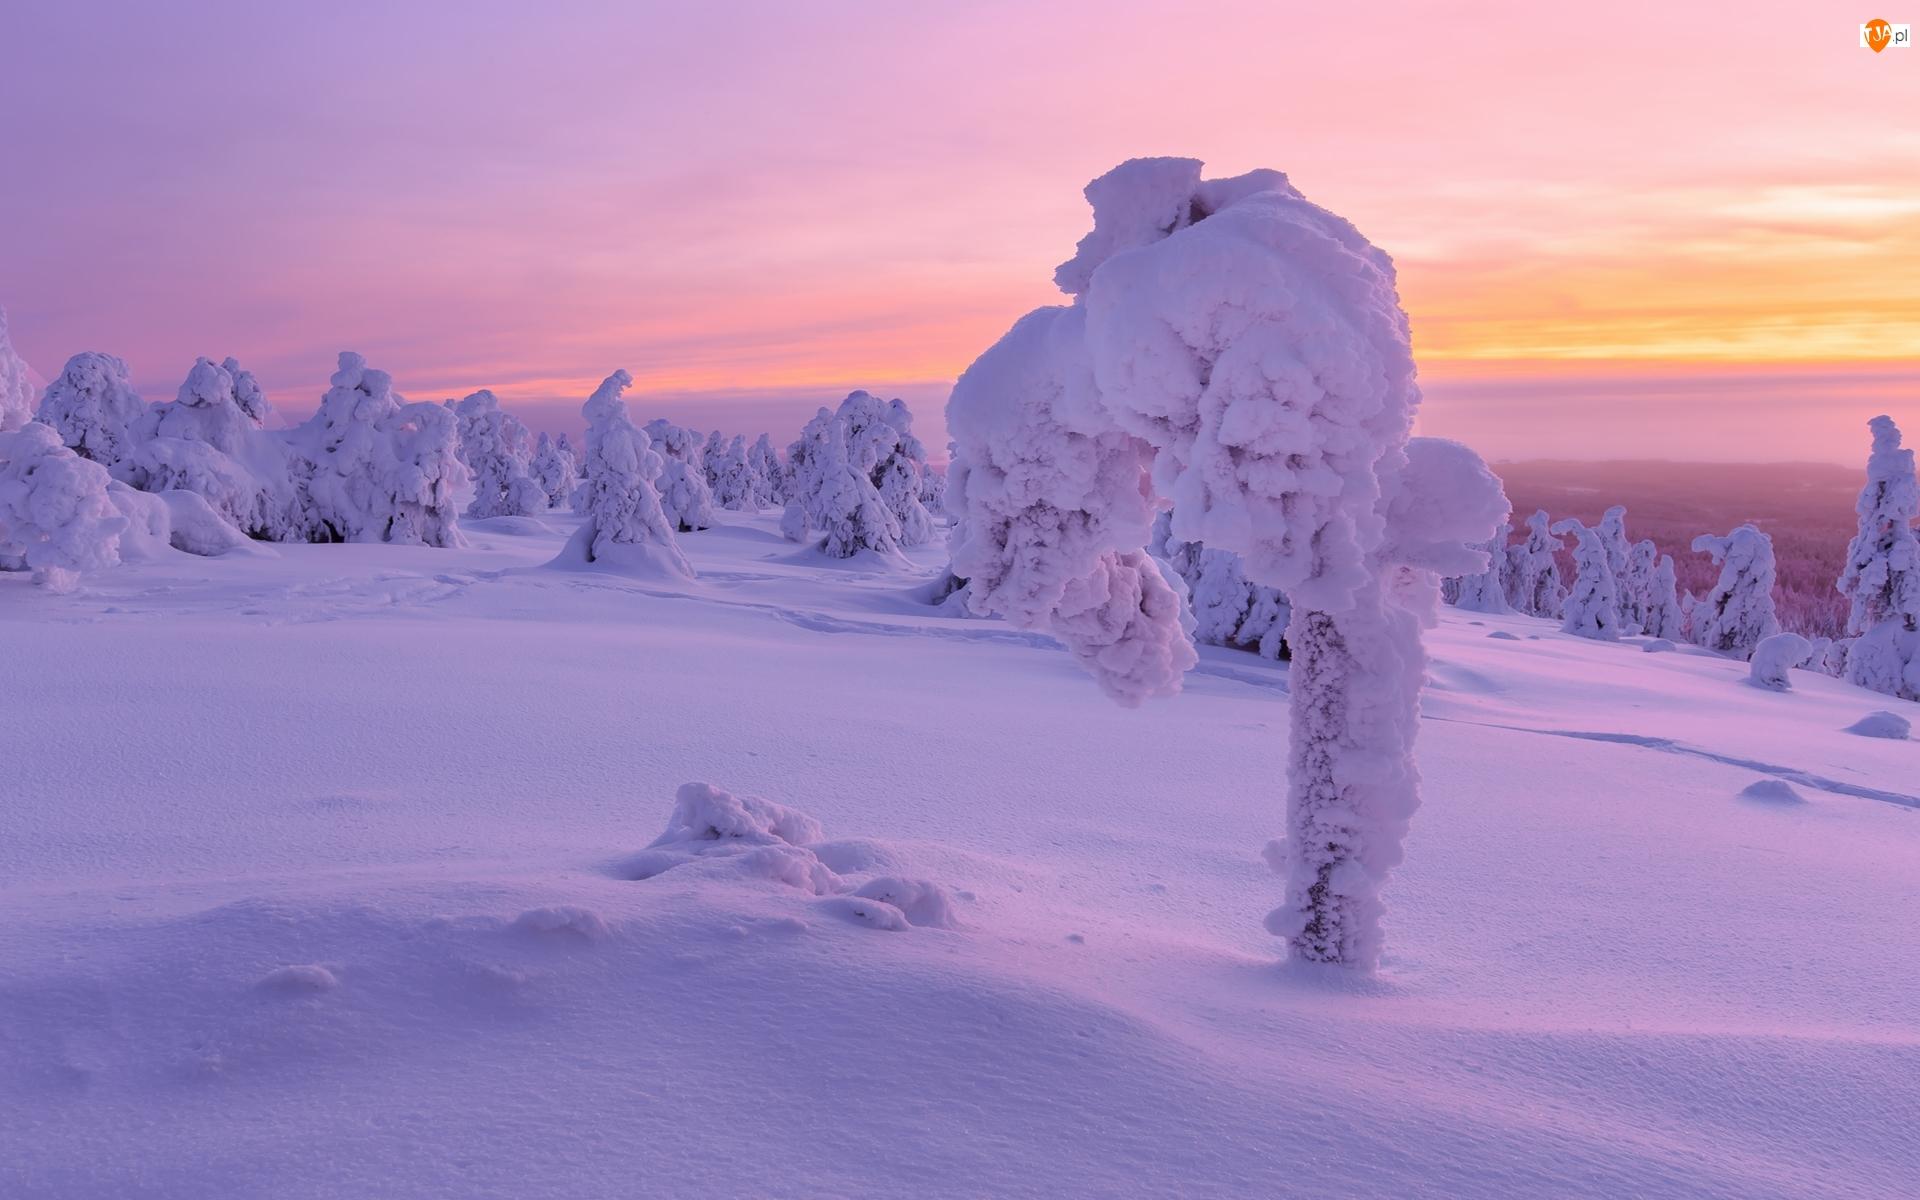 Ośnieżone, Zachód słońca, Zima, Śnieg, Drzewa